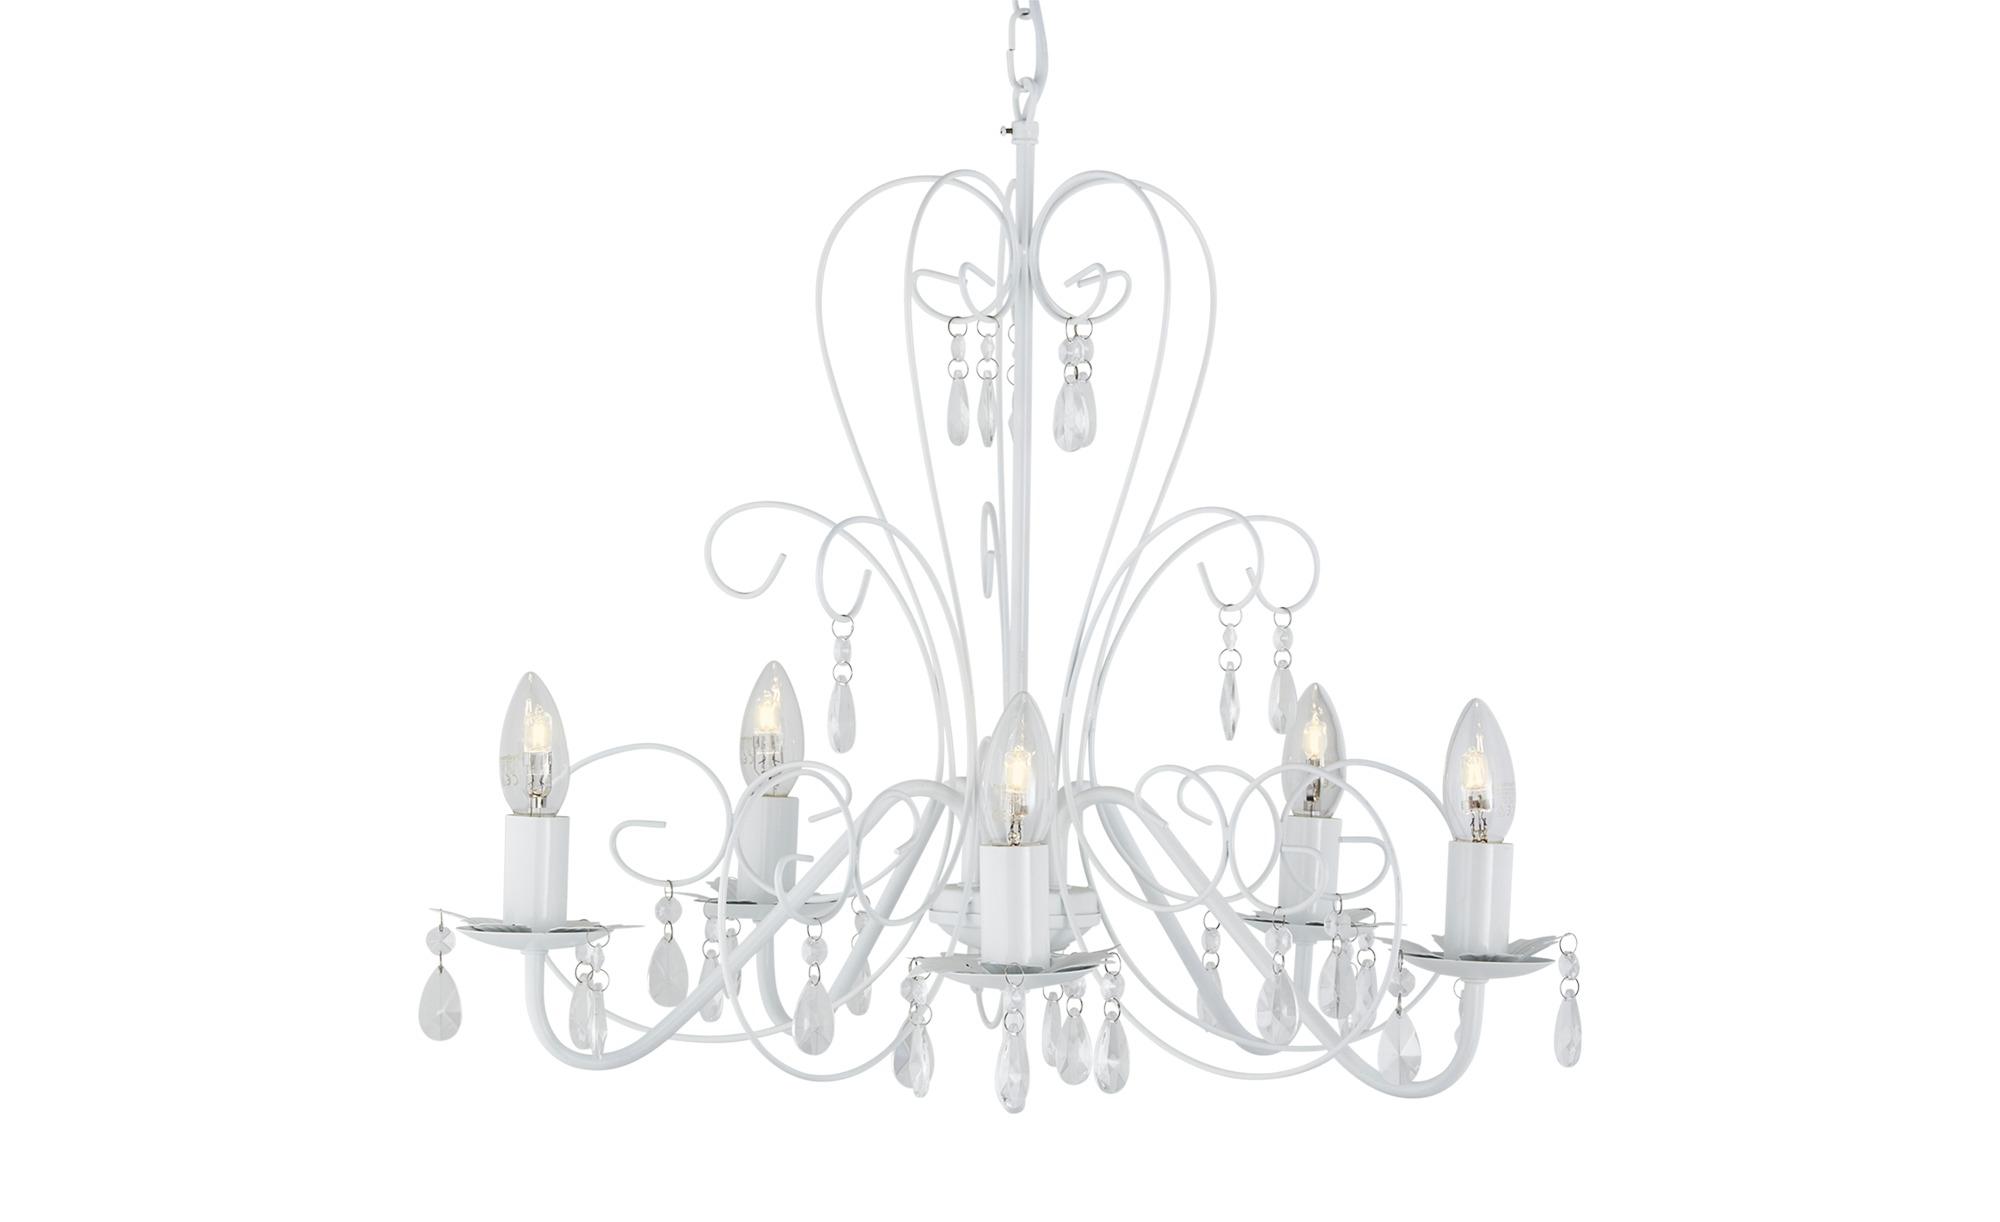 Kronleuchter 5-flammig weiß Kerzenoptik ¦ weiß ¦ Maße (cm): H: 50 Ø: [54.0] Lampen & Leuchten > Innenleuchten > Kronleuchter - Höffner